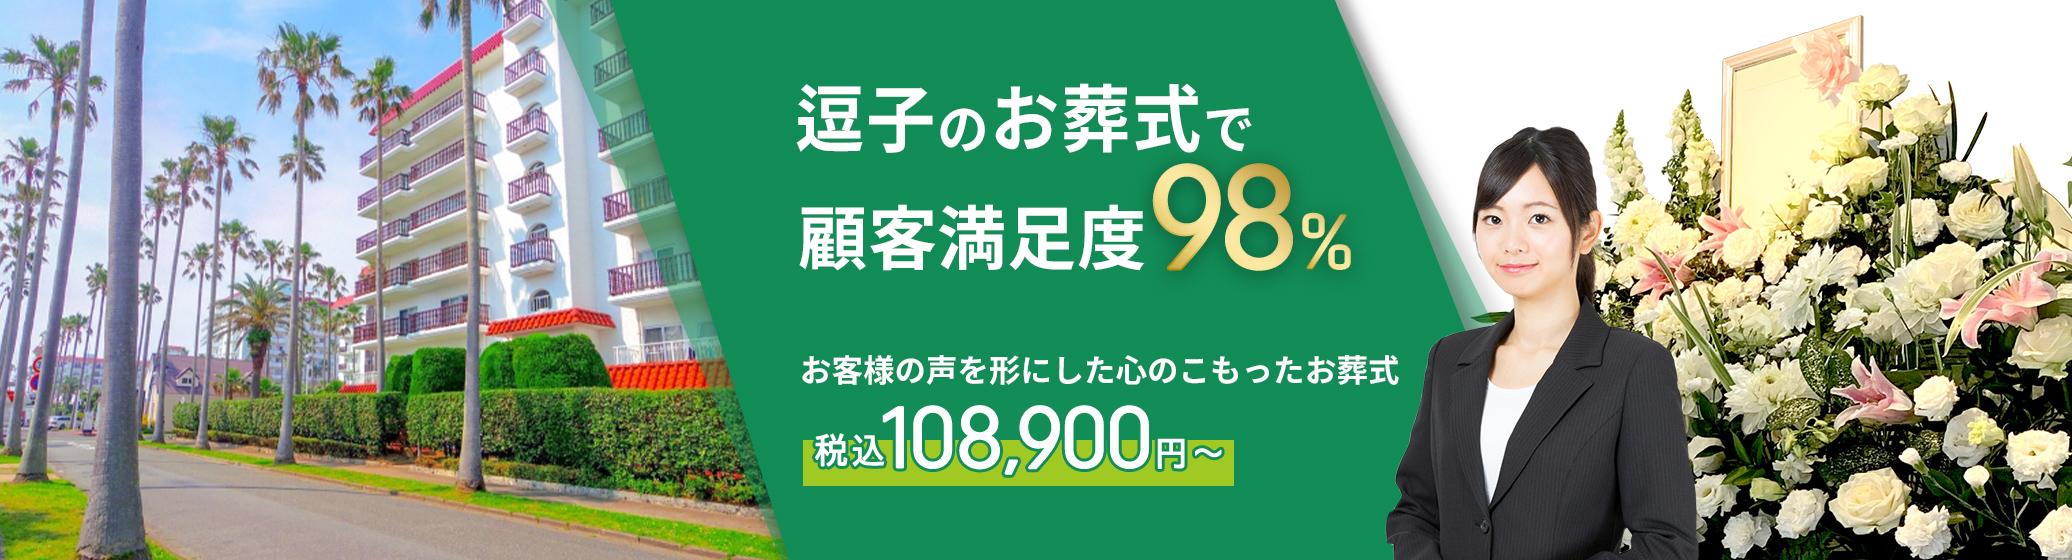 逗子市で葬儀をお考えの方へ安心価格で納得のお葬式が定額プラン・葬儀に必要なものすべて含んで140,000円(税込)